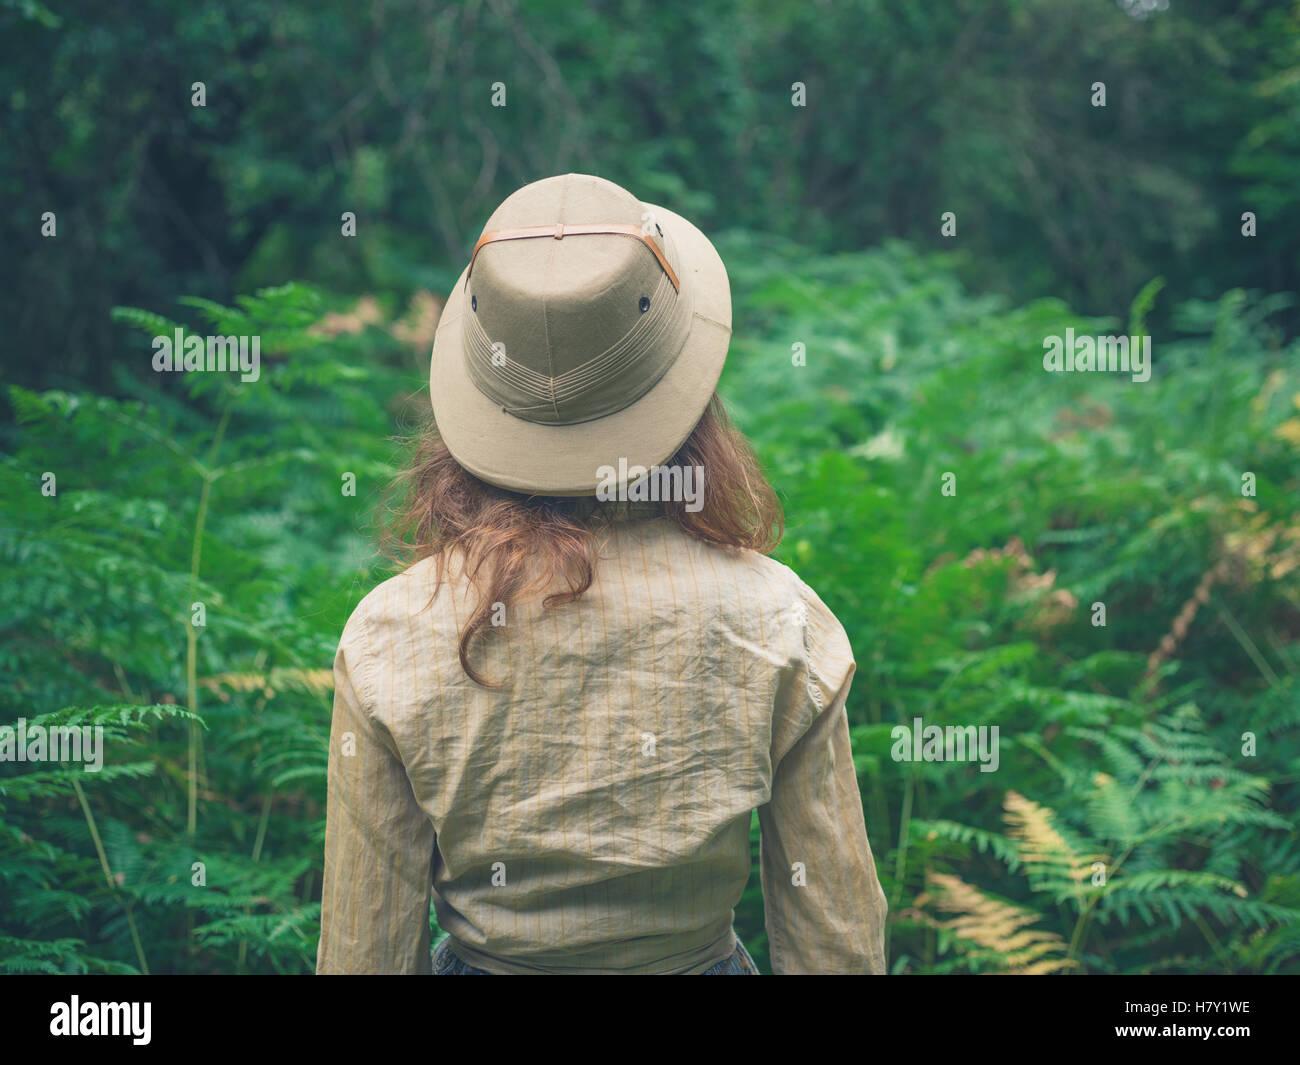 Une jeune femme portant un chapeau safari explore une forêt avec beaucoup de Vert Fougères Photo Stock